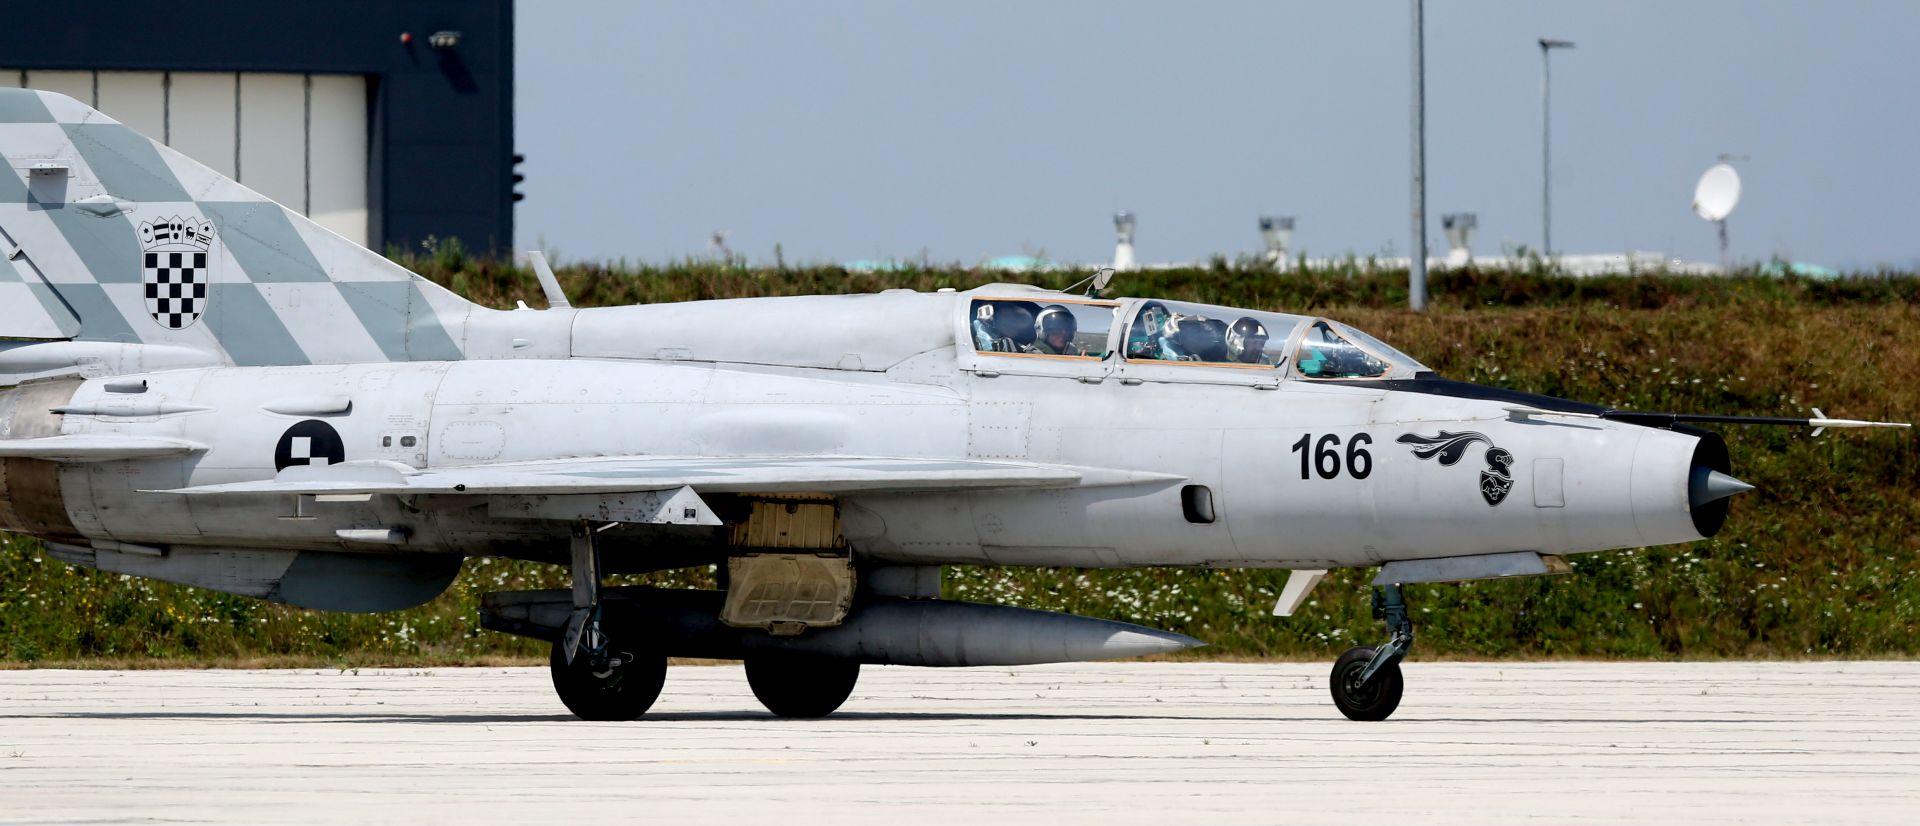 Zajednički let hrvatskog i izraelskog pilota na avionu MiG-21